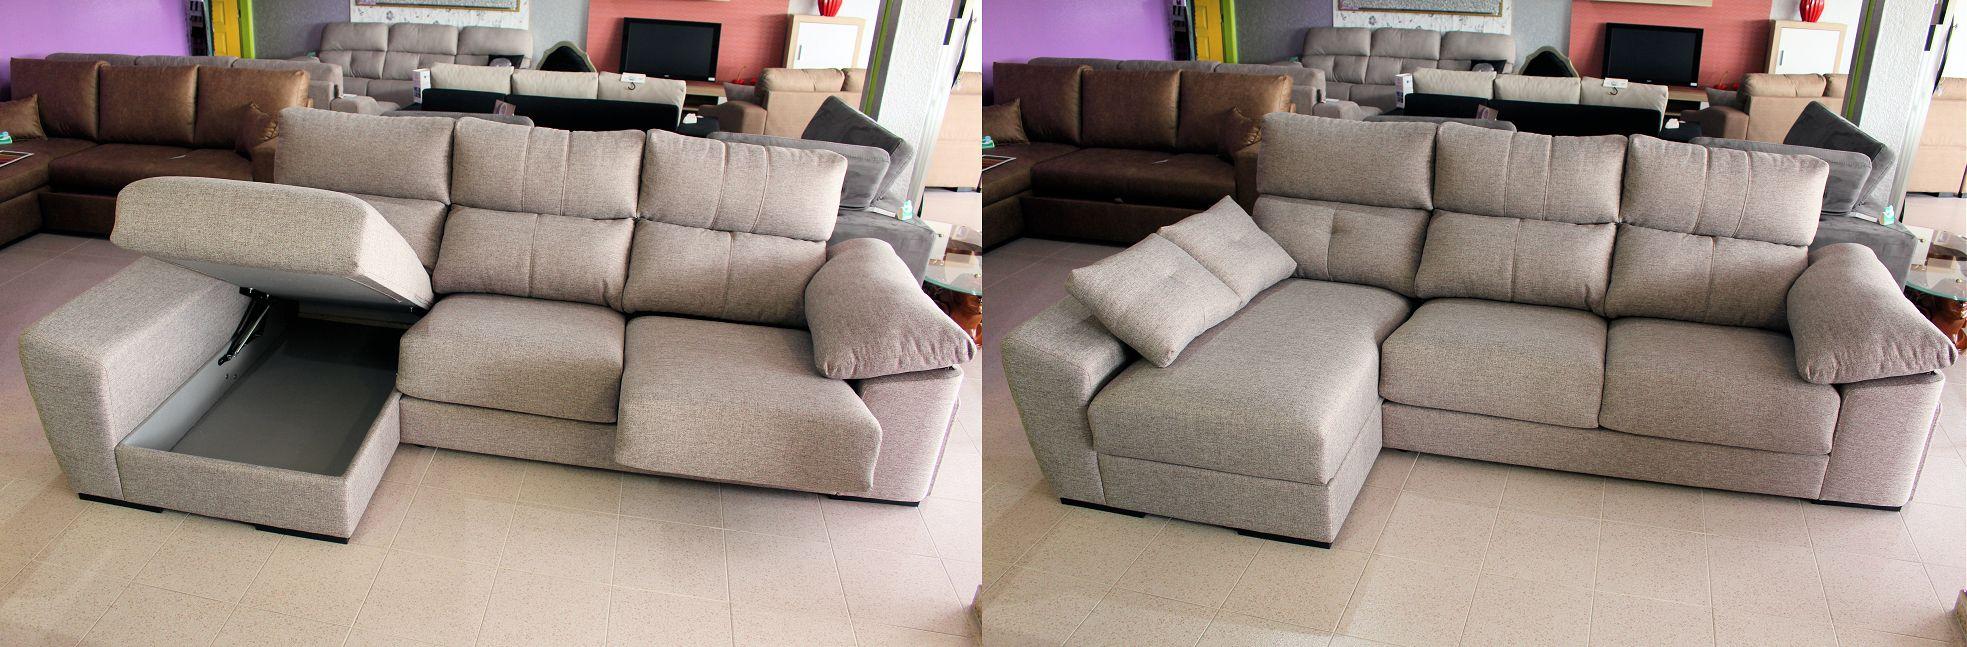 Promo es sof s m veis faustino m veis sof s e for Sofas por 50 euros